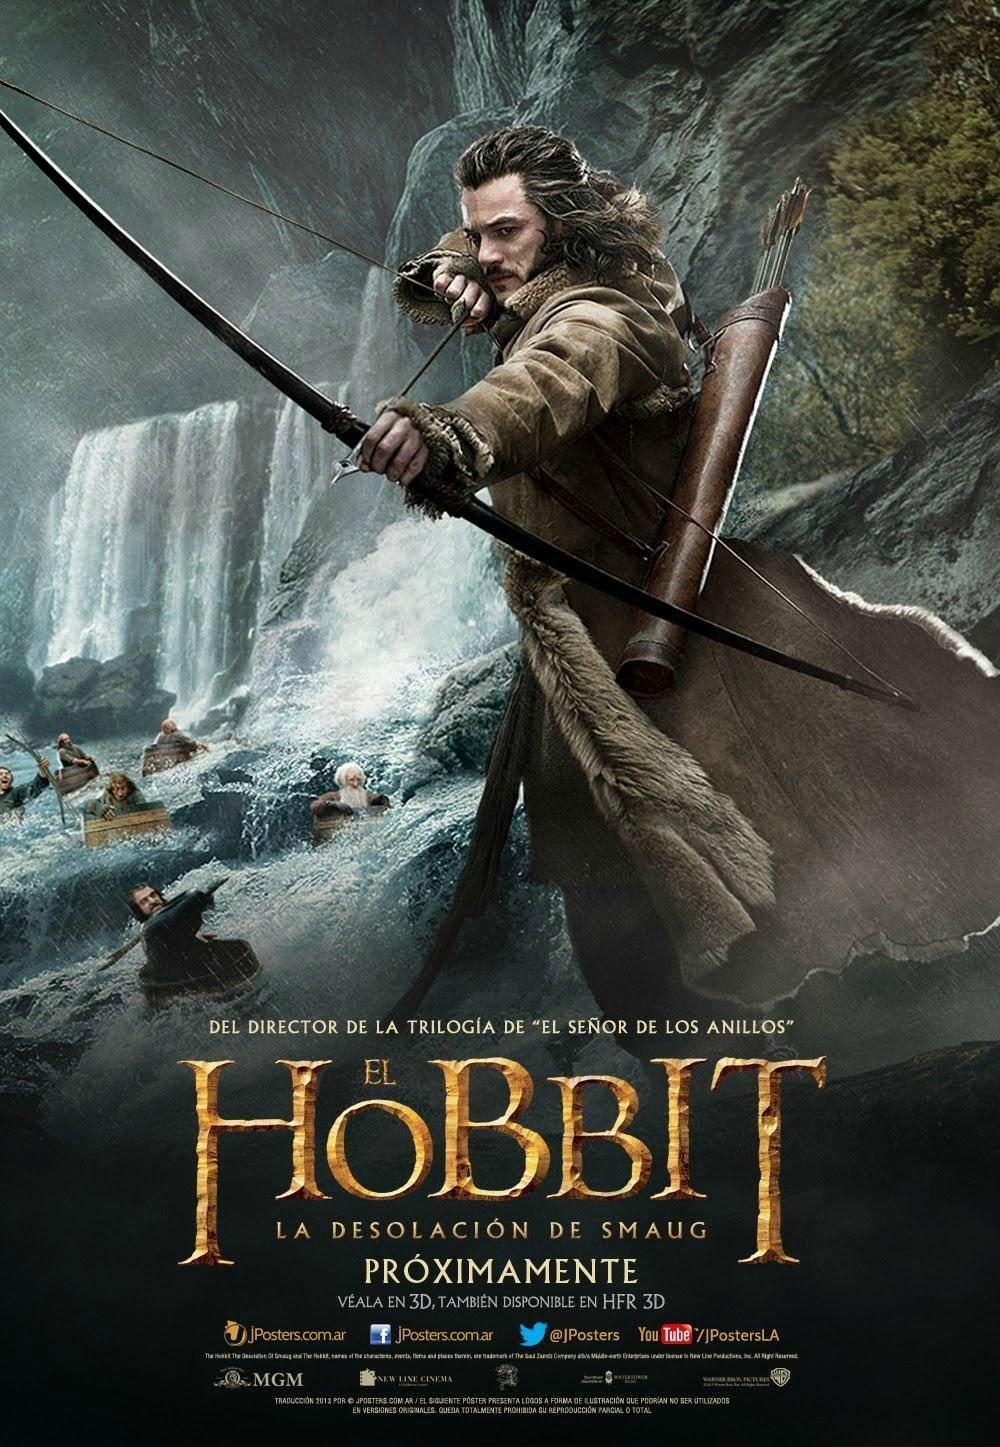 Posters Internationaux Du Hobbit La Desolation De Smaug Le Journal De Cacahuète Hobbit La Désolation De Smaug Bilbo Le Hobbit